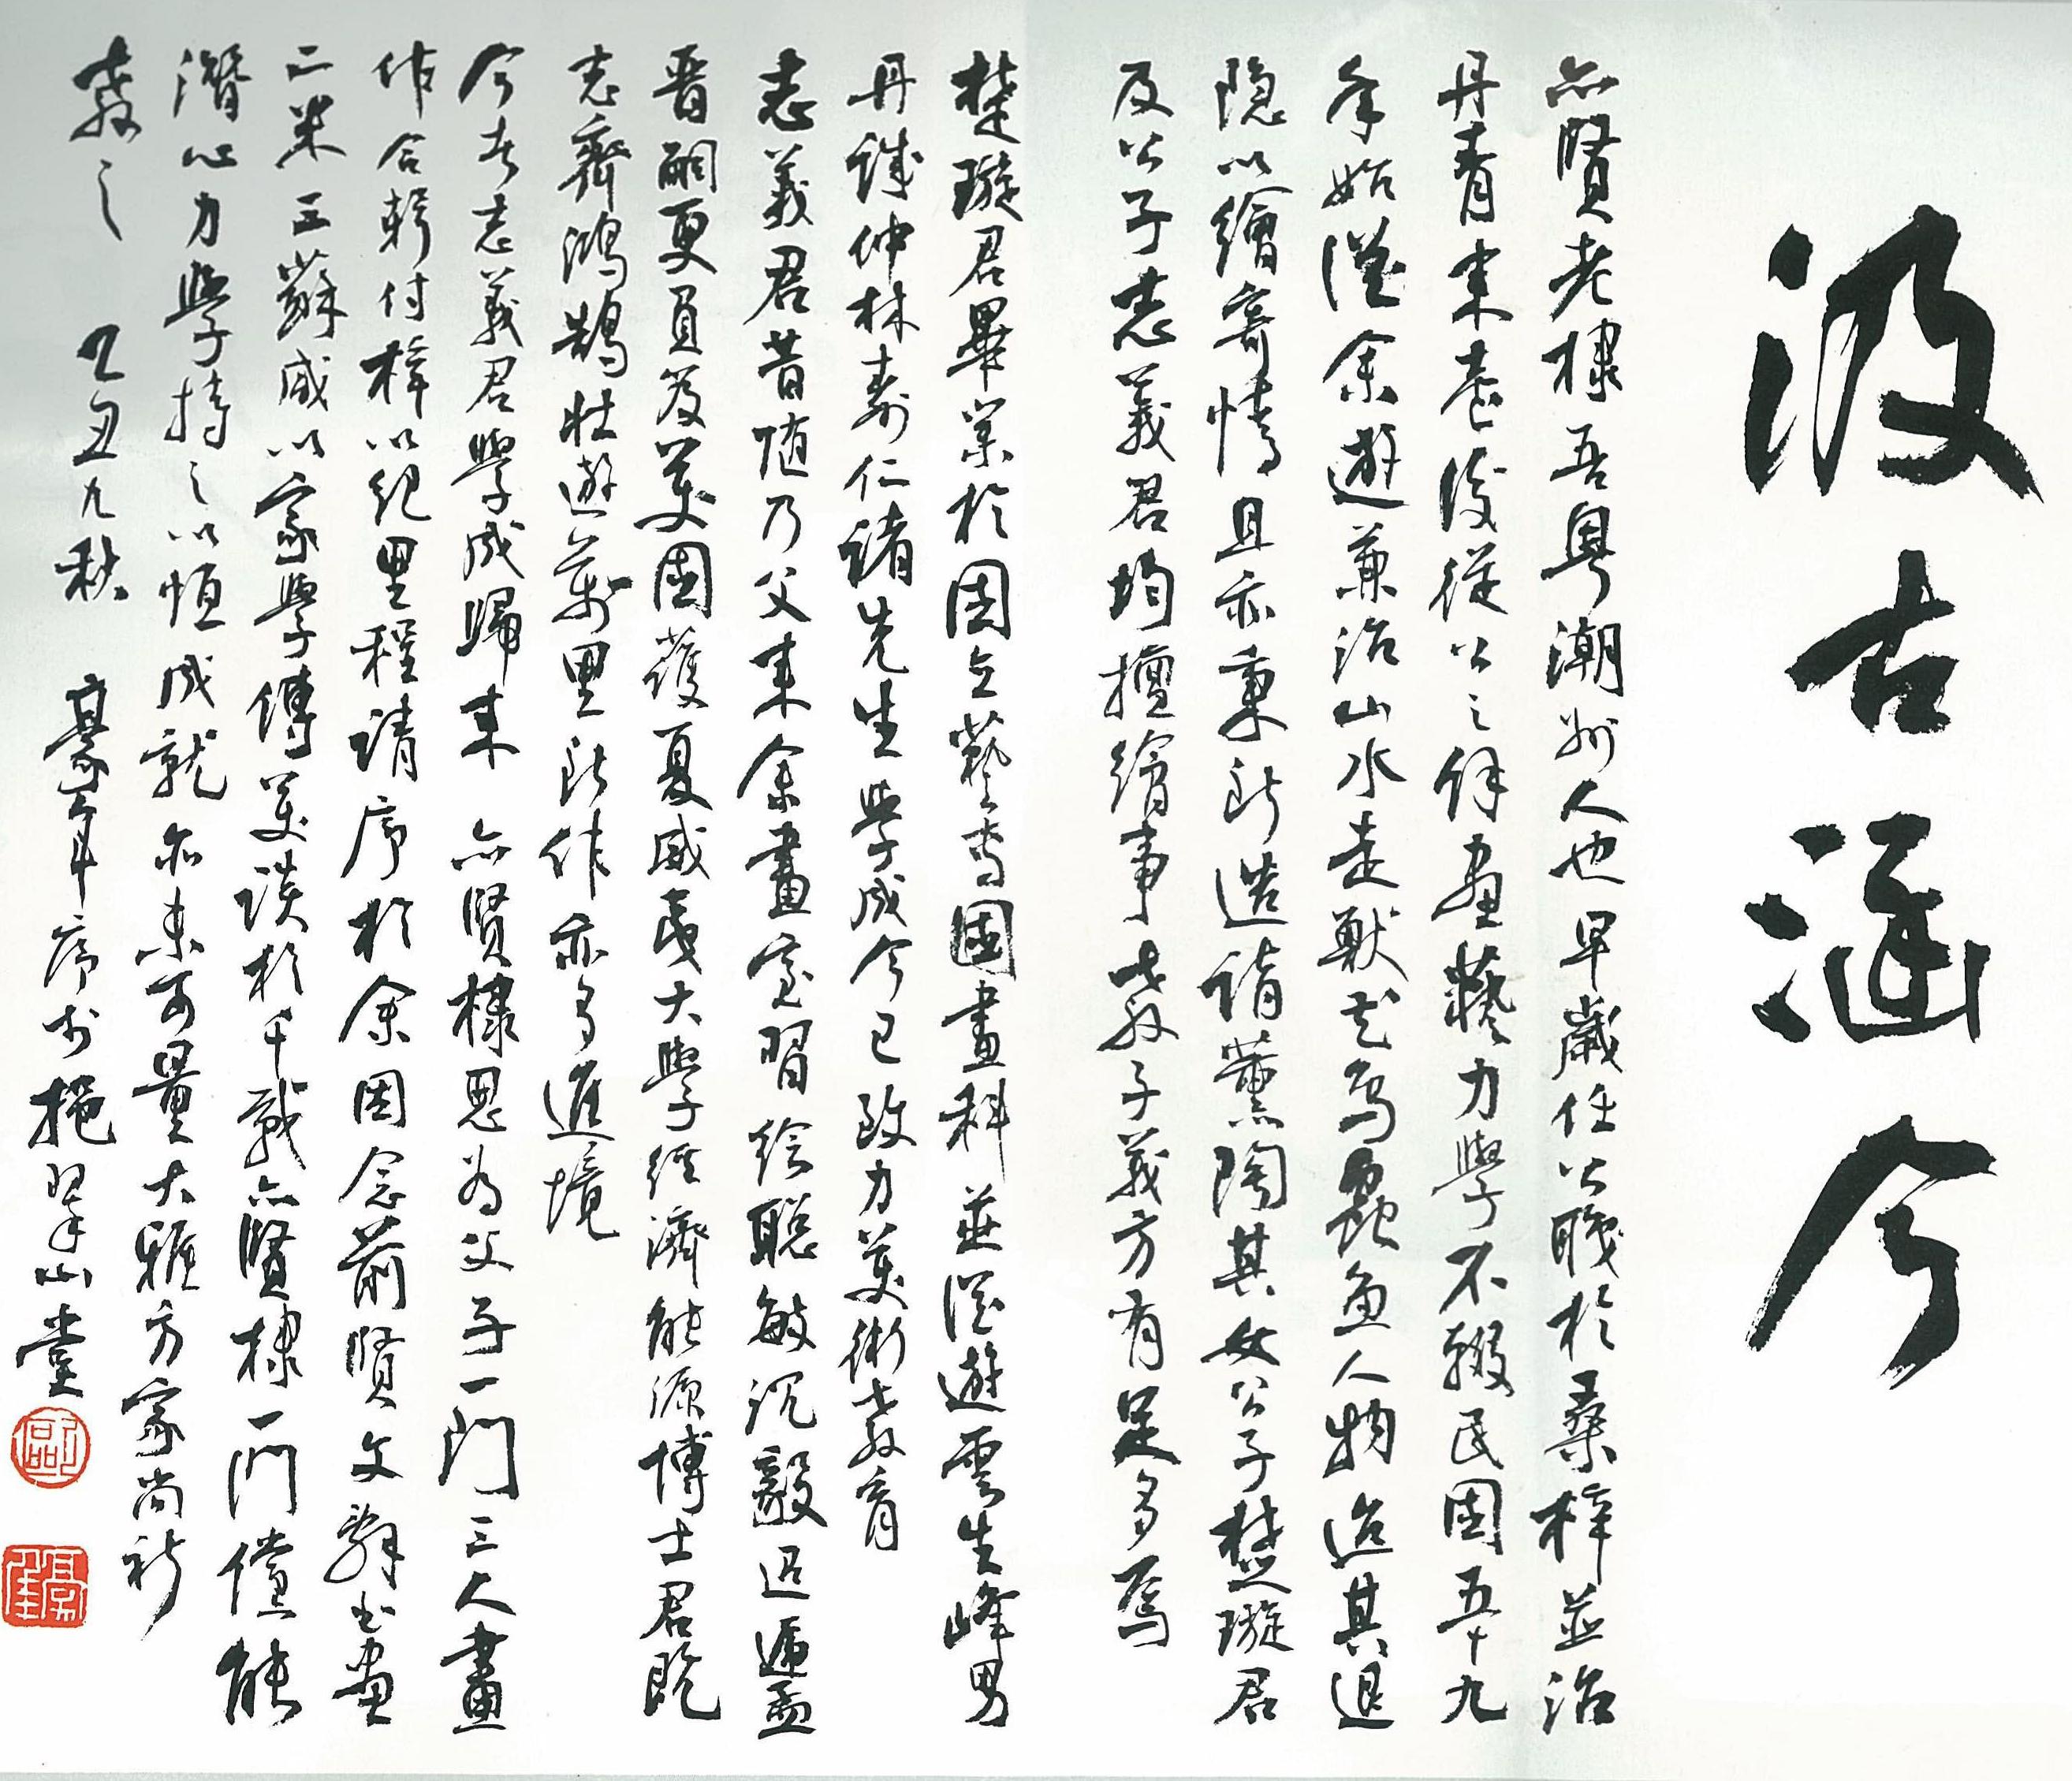 嶺南派國畫大師歐豪年教授於1985年為許氏「荔園畫集」作序墨寶